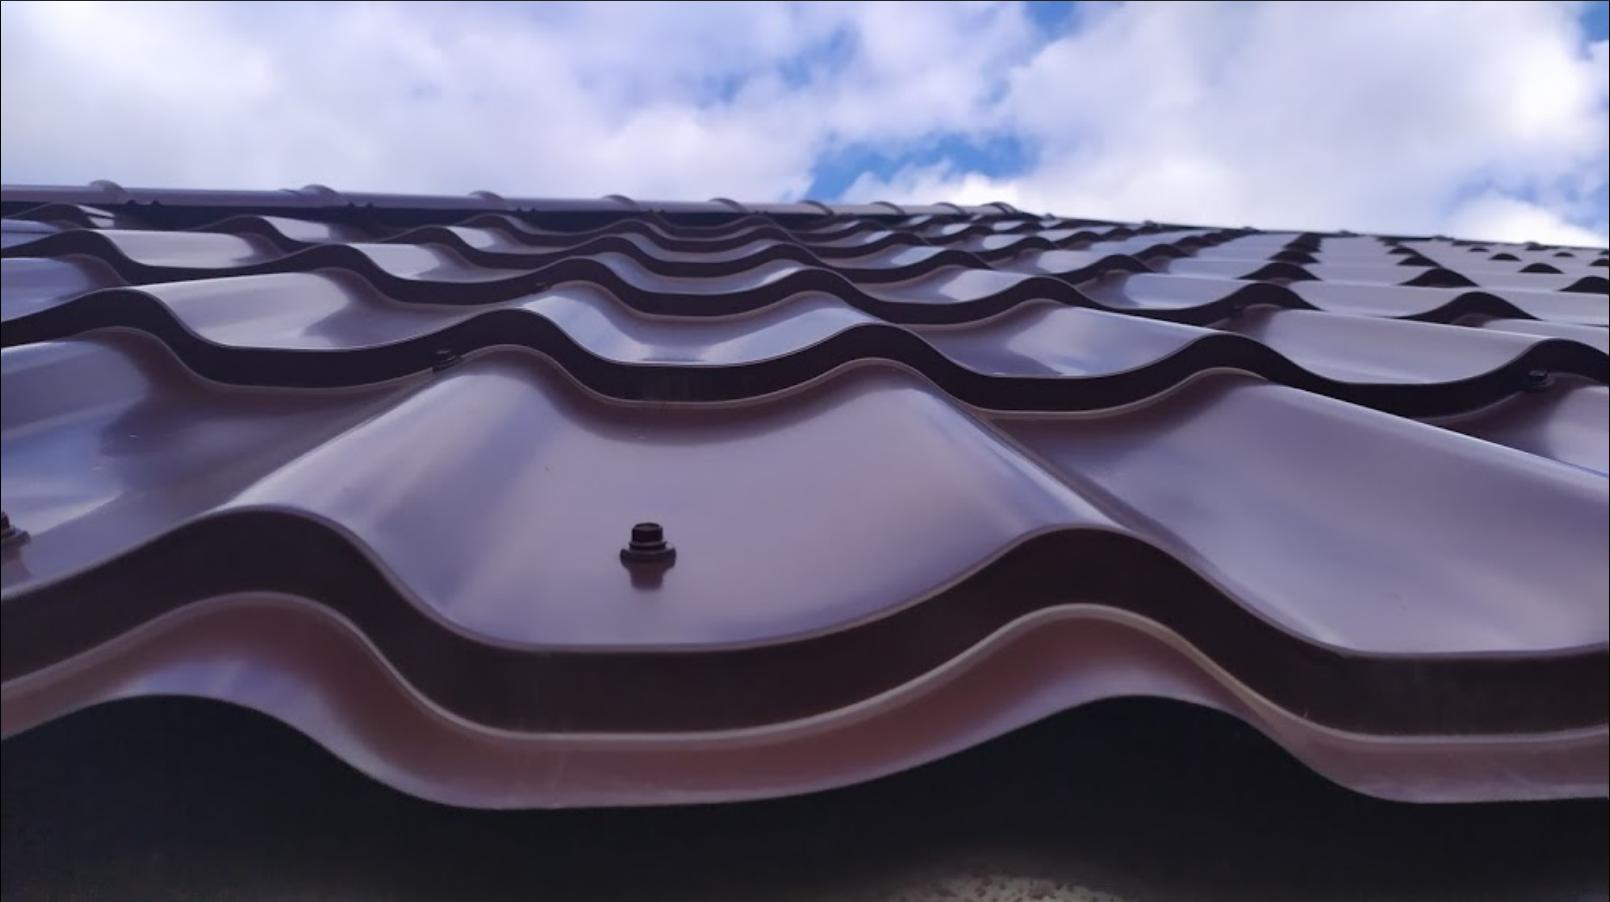 Проект Черепица Металл Профиль, объект в г.Полоцк | Слайд 4